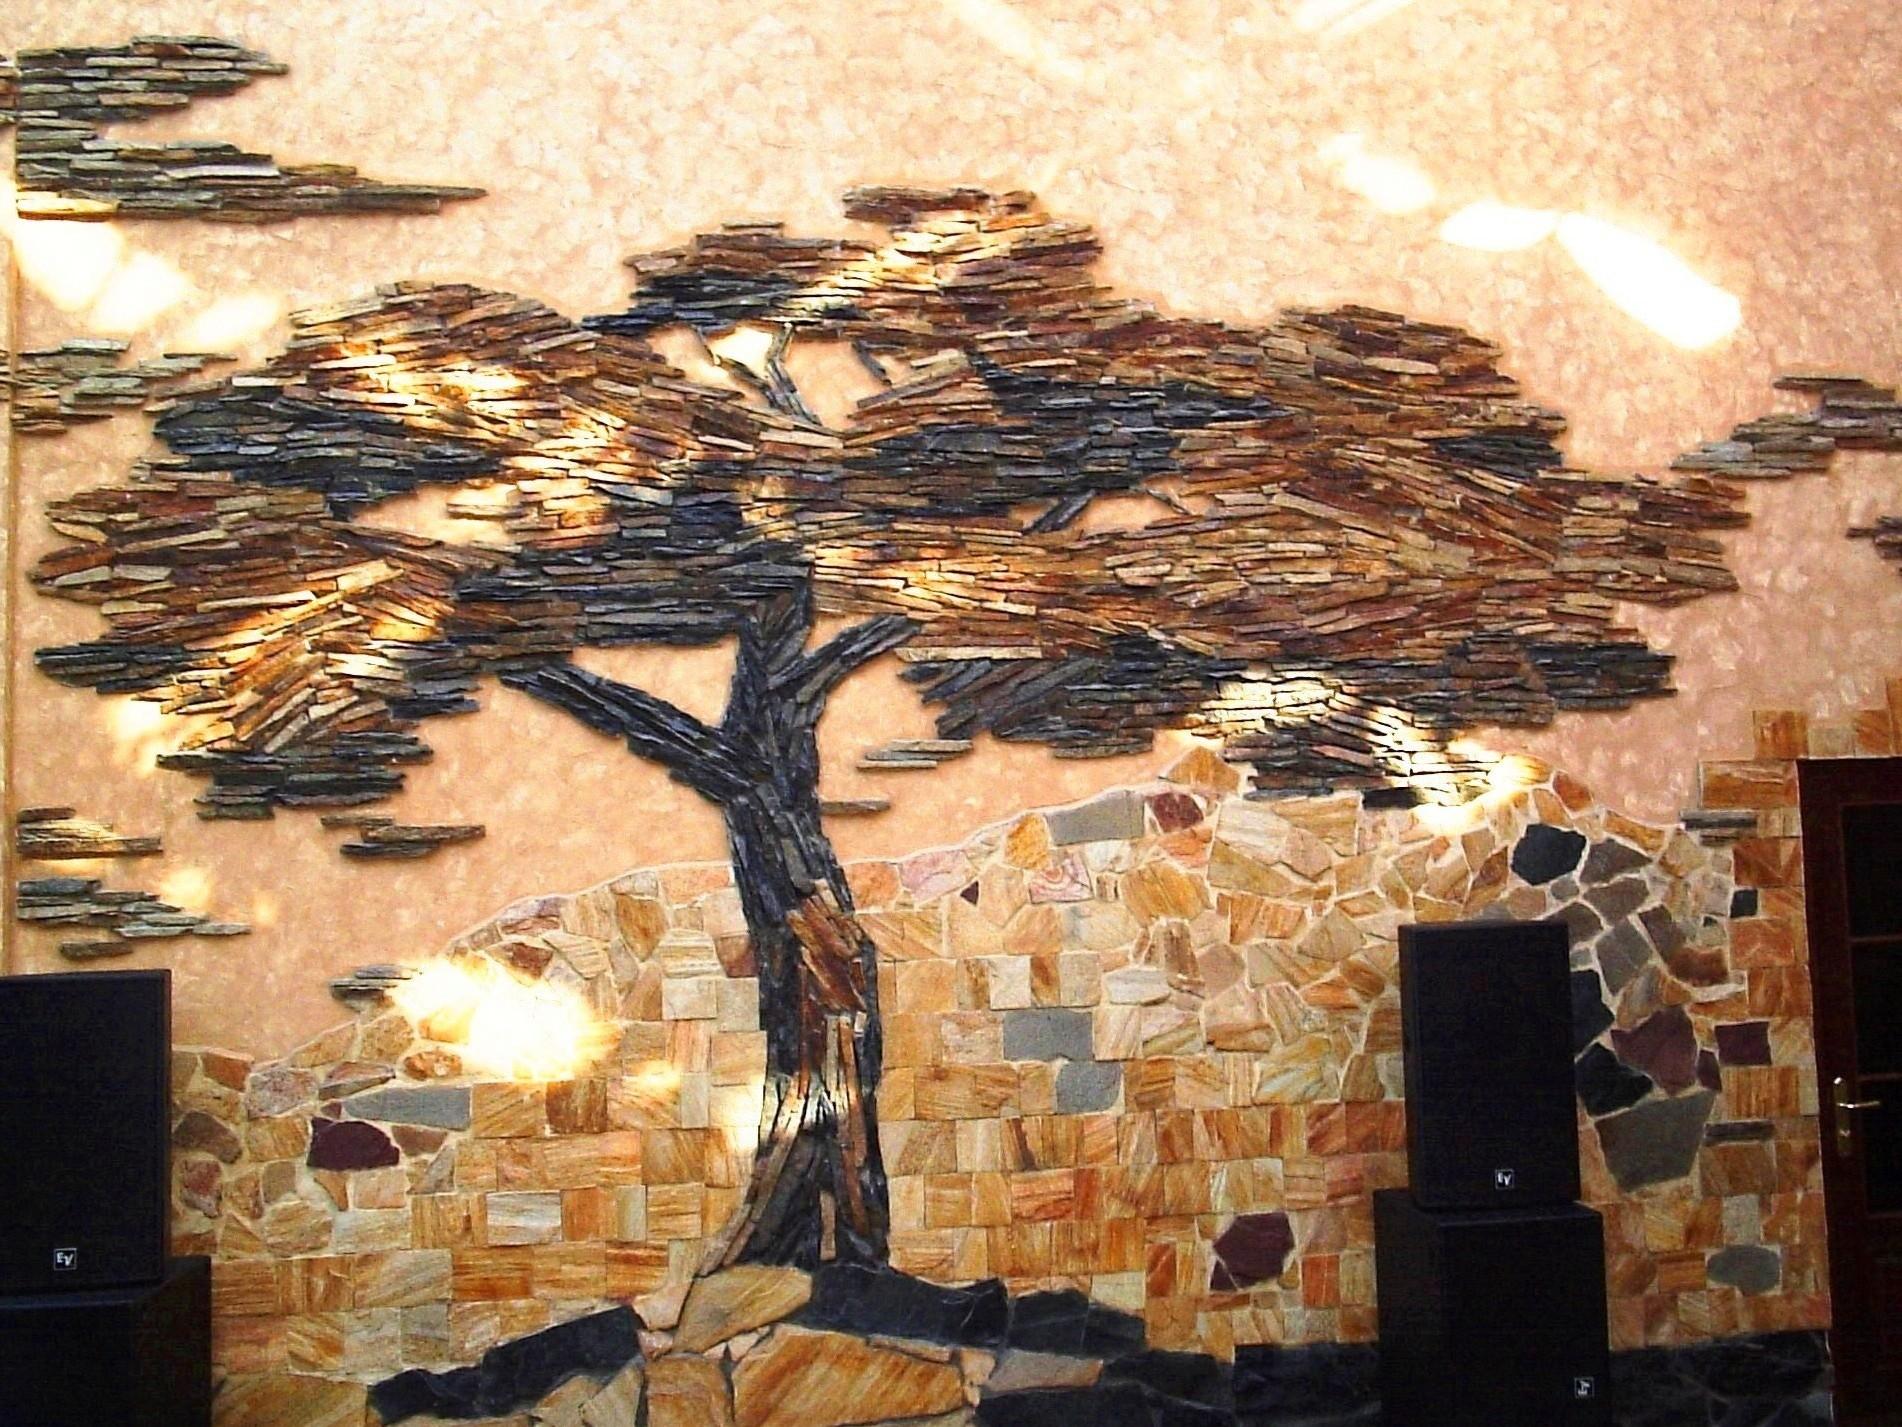 Скачать декор стен декоративным камнем фото 1 900x675.